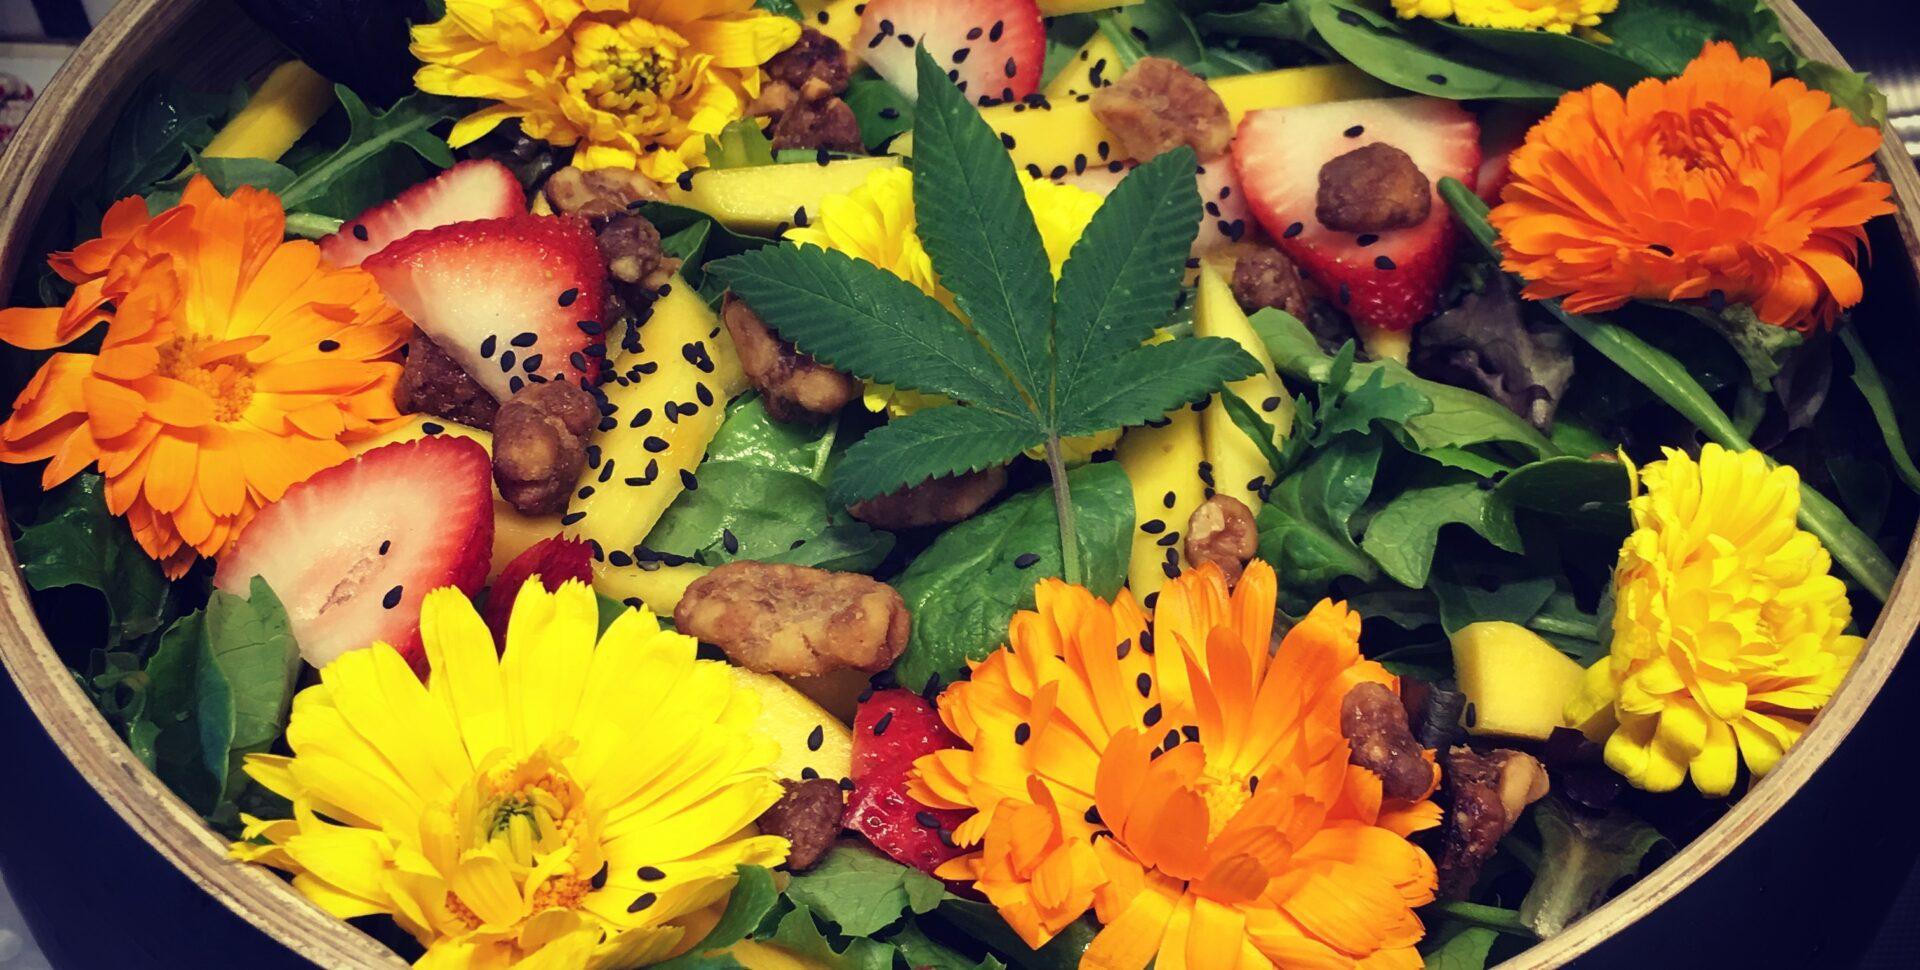 Cocinar con Marihuana